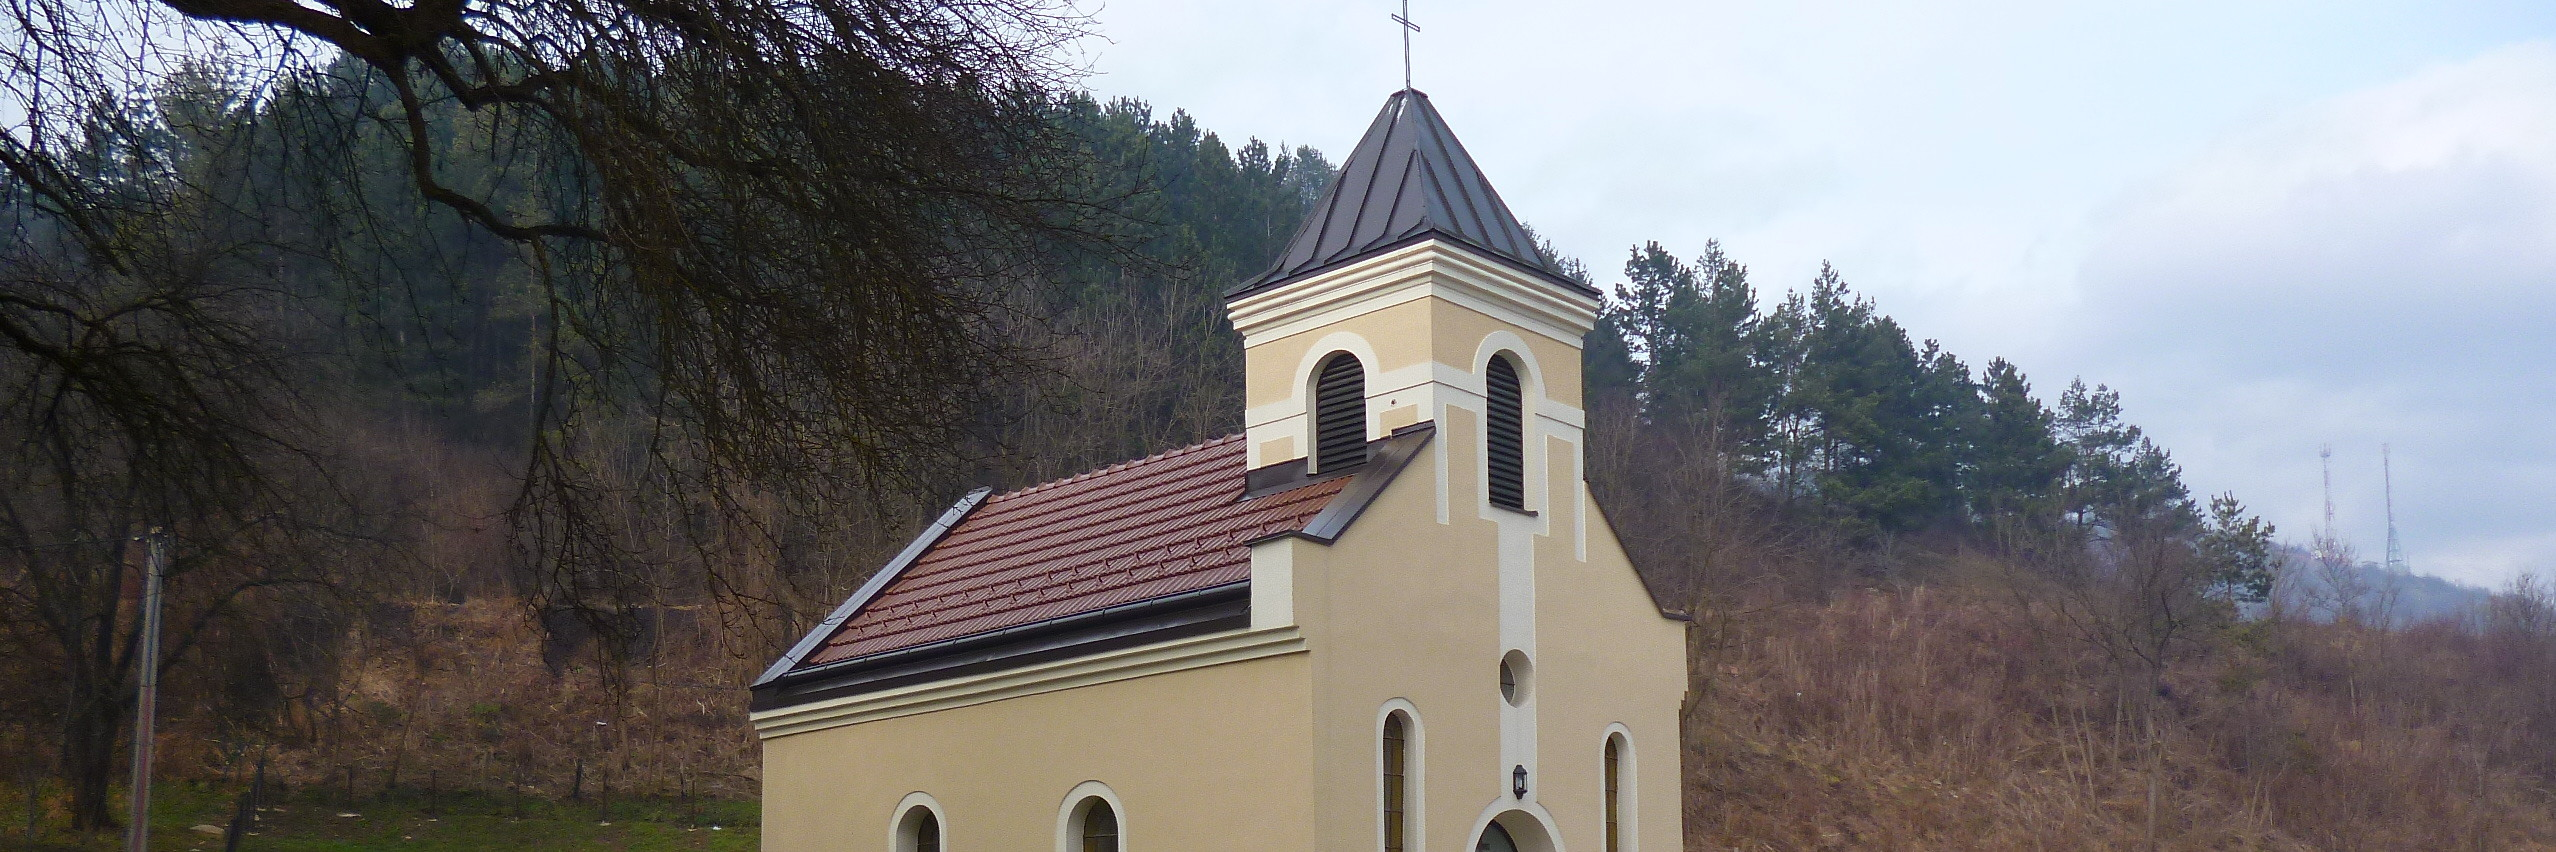 Церковь св. Малой Терезии